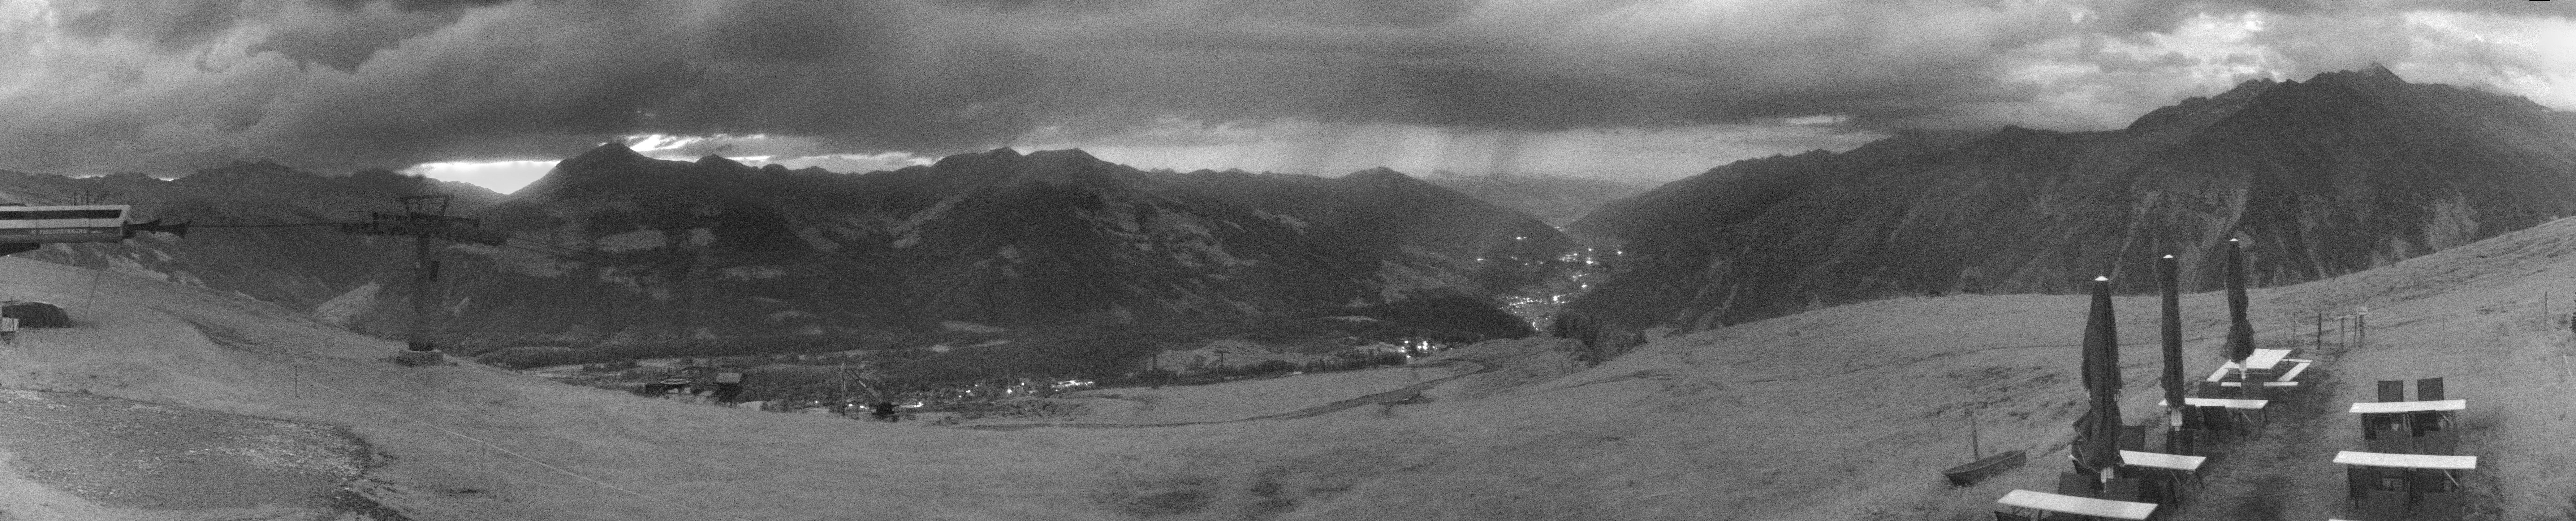 Zillertal Arena óriás méretű panoráma webkamera